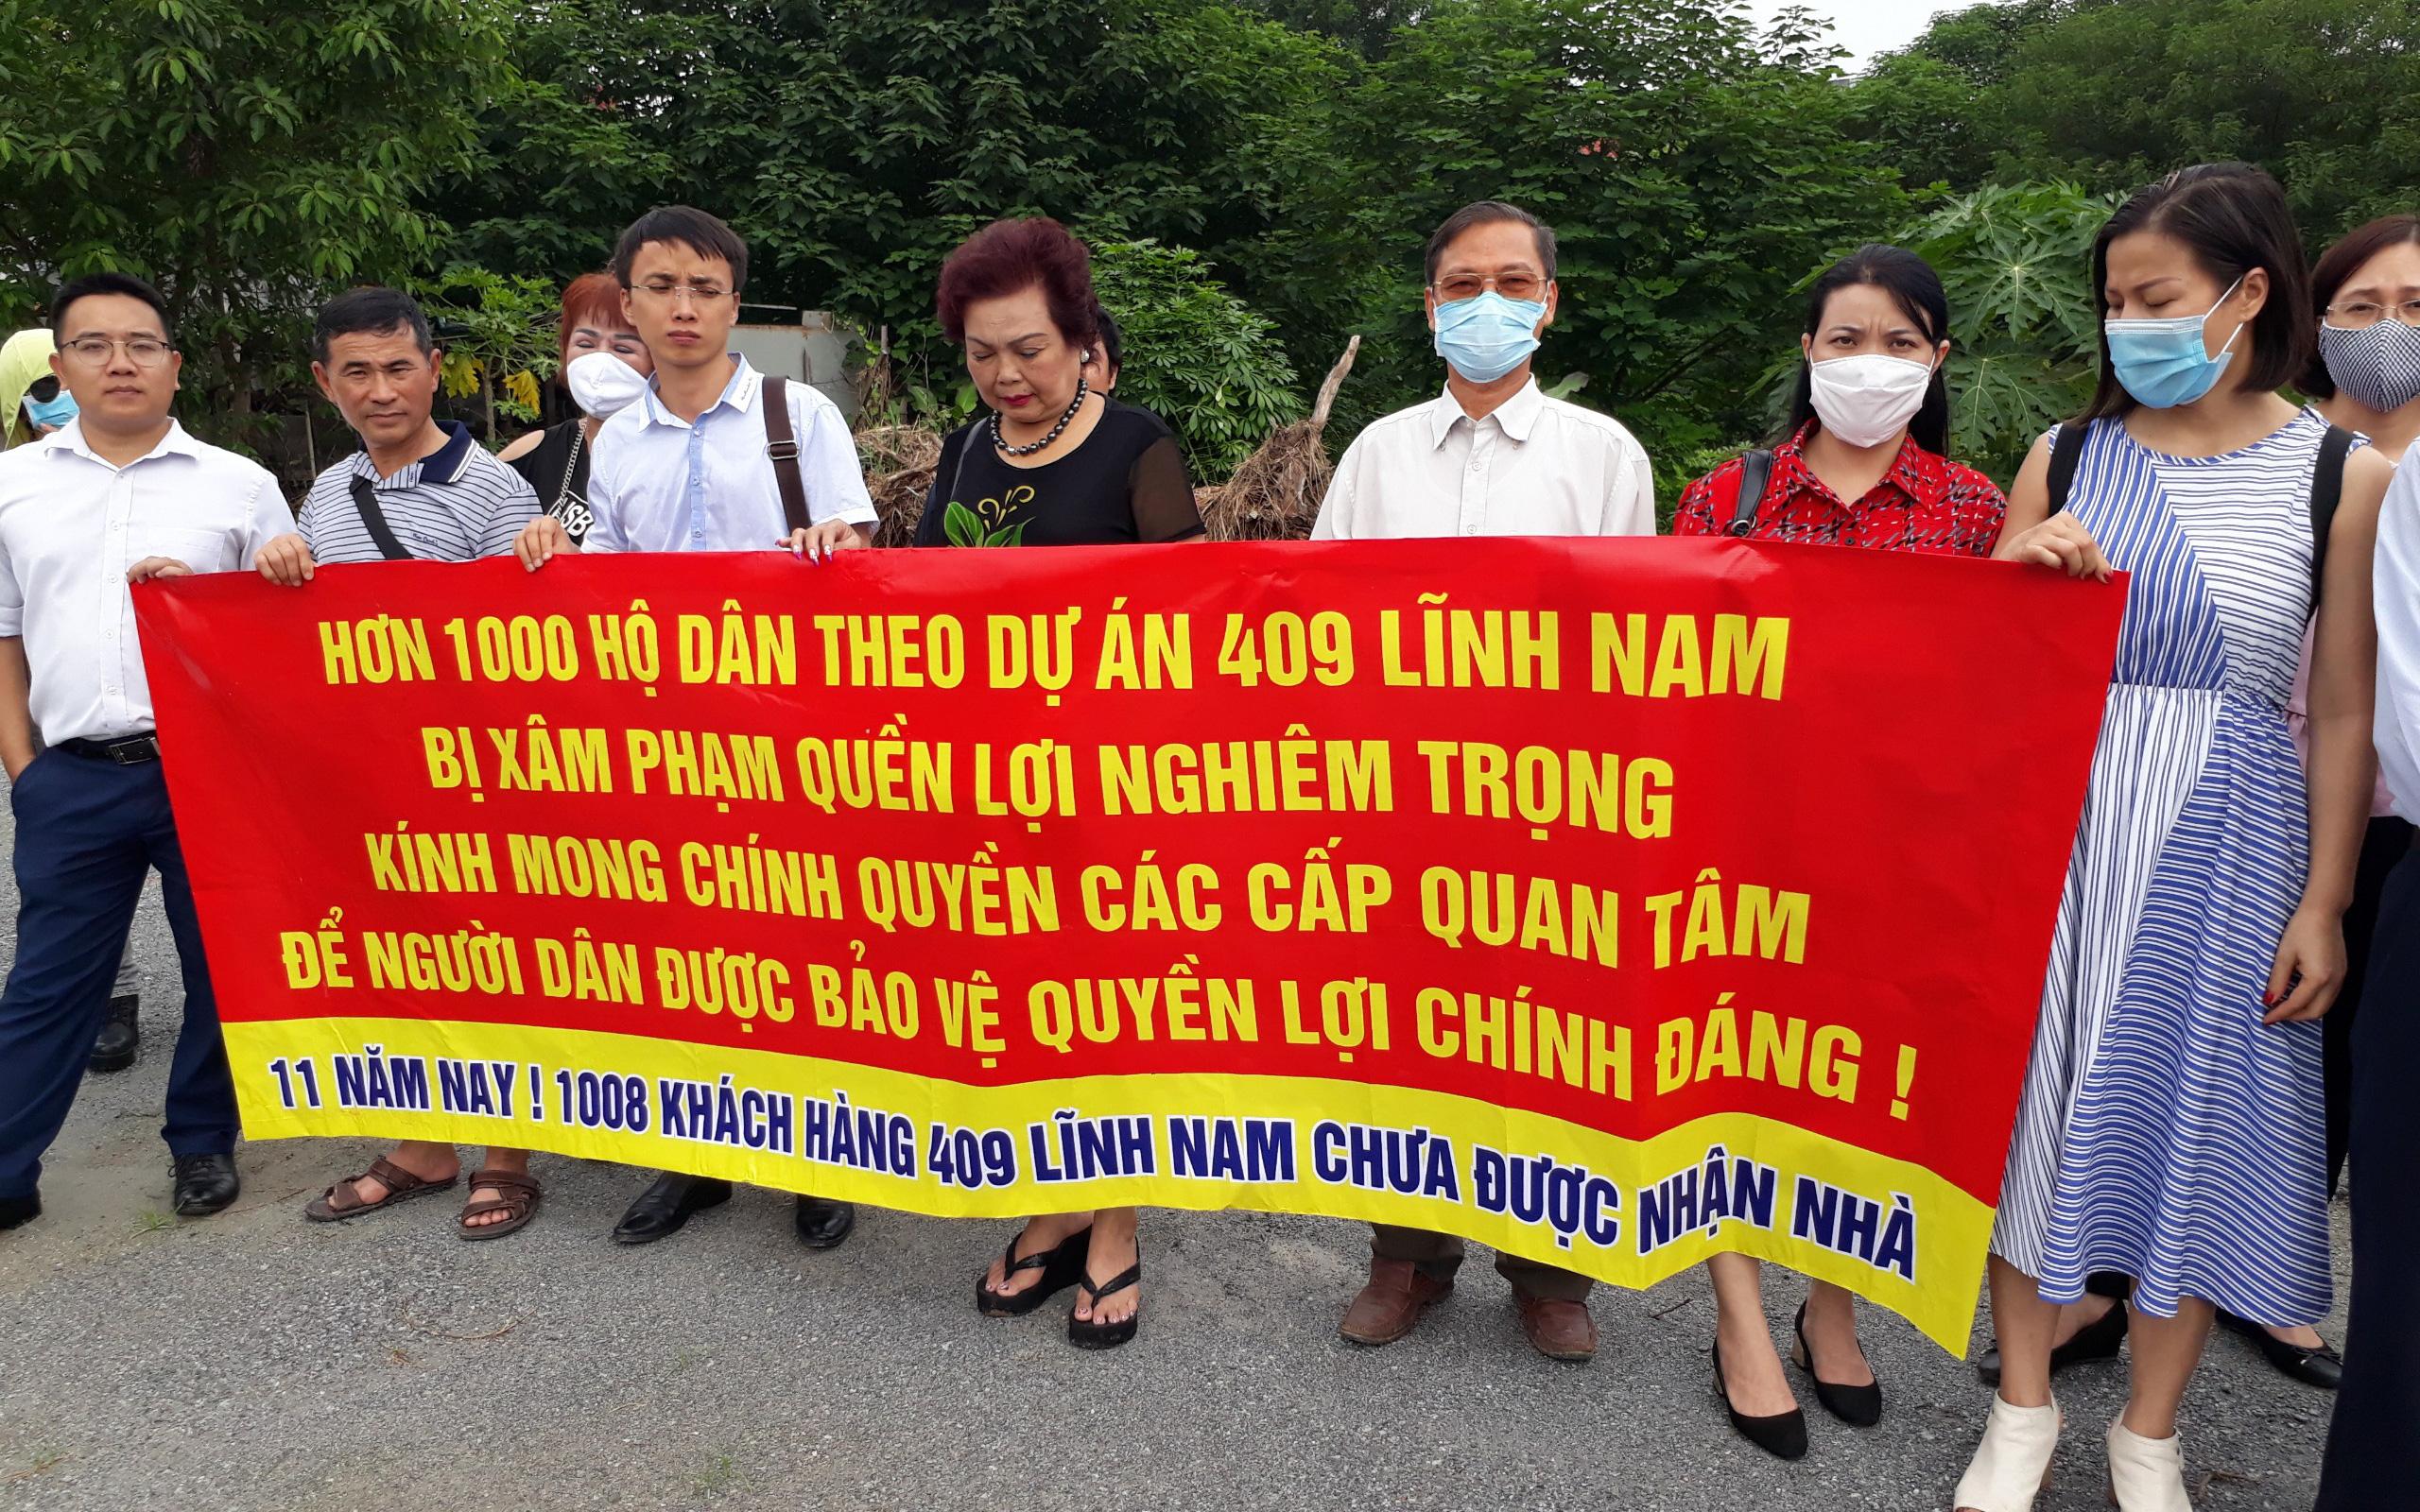 Hà Nội: Chủ đầu tư đi tù, 1.008 gia đình khốn khổ chờ 11 năm mà chung cư vẫn trơ bãi cỏ hoang, người lâm cảnh nợ nần chồng chất, người chết vì uất hận